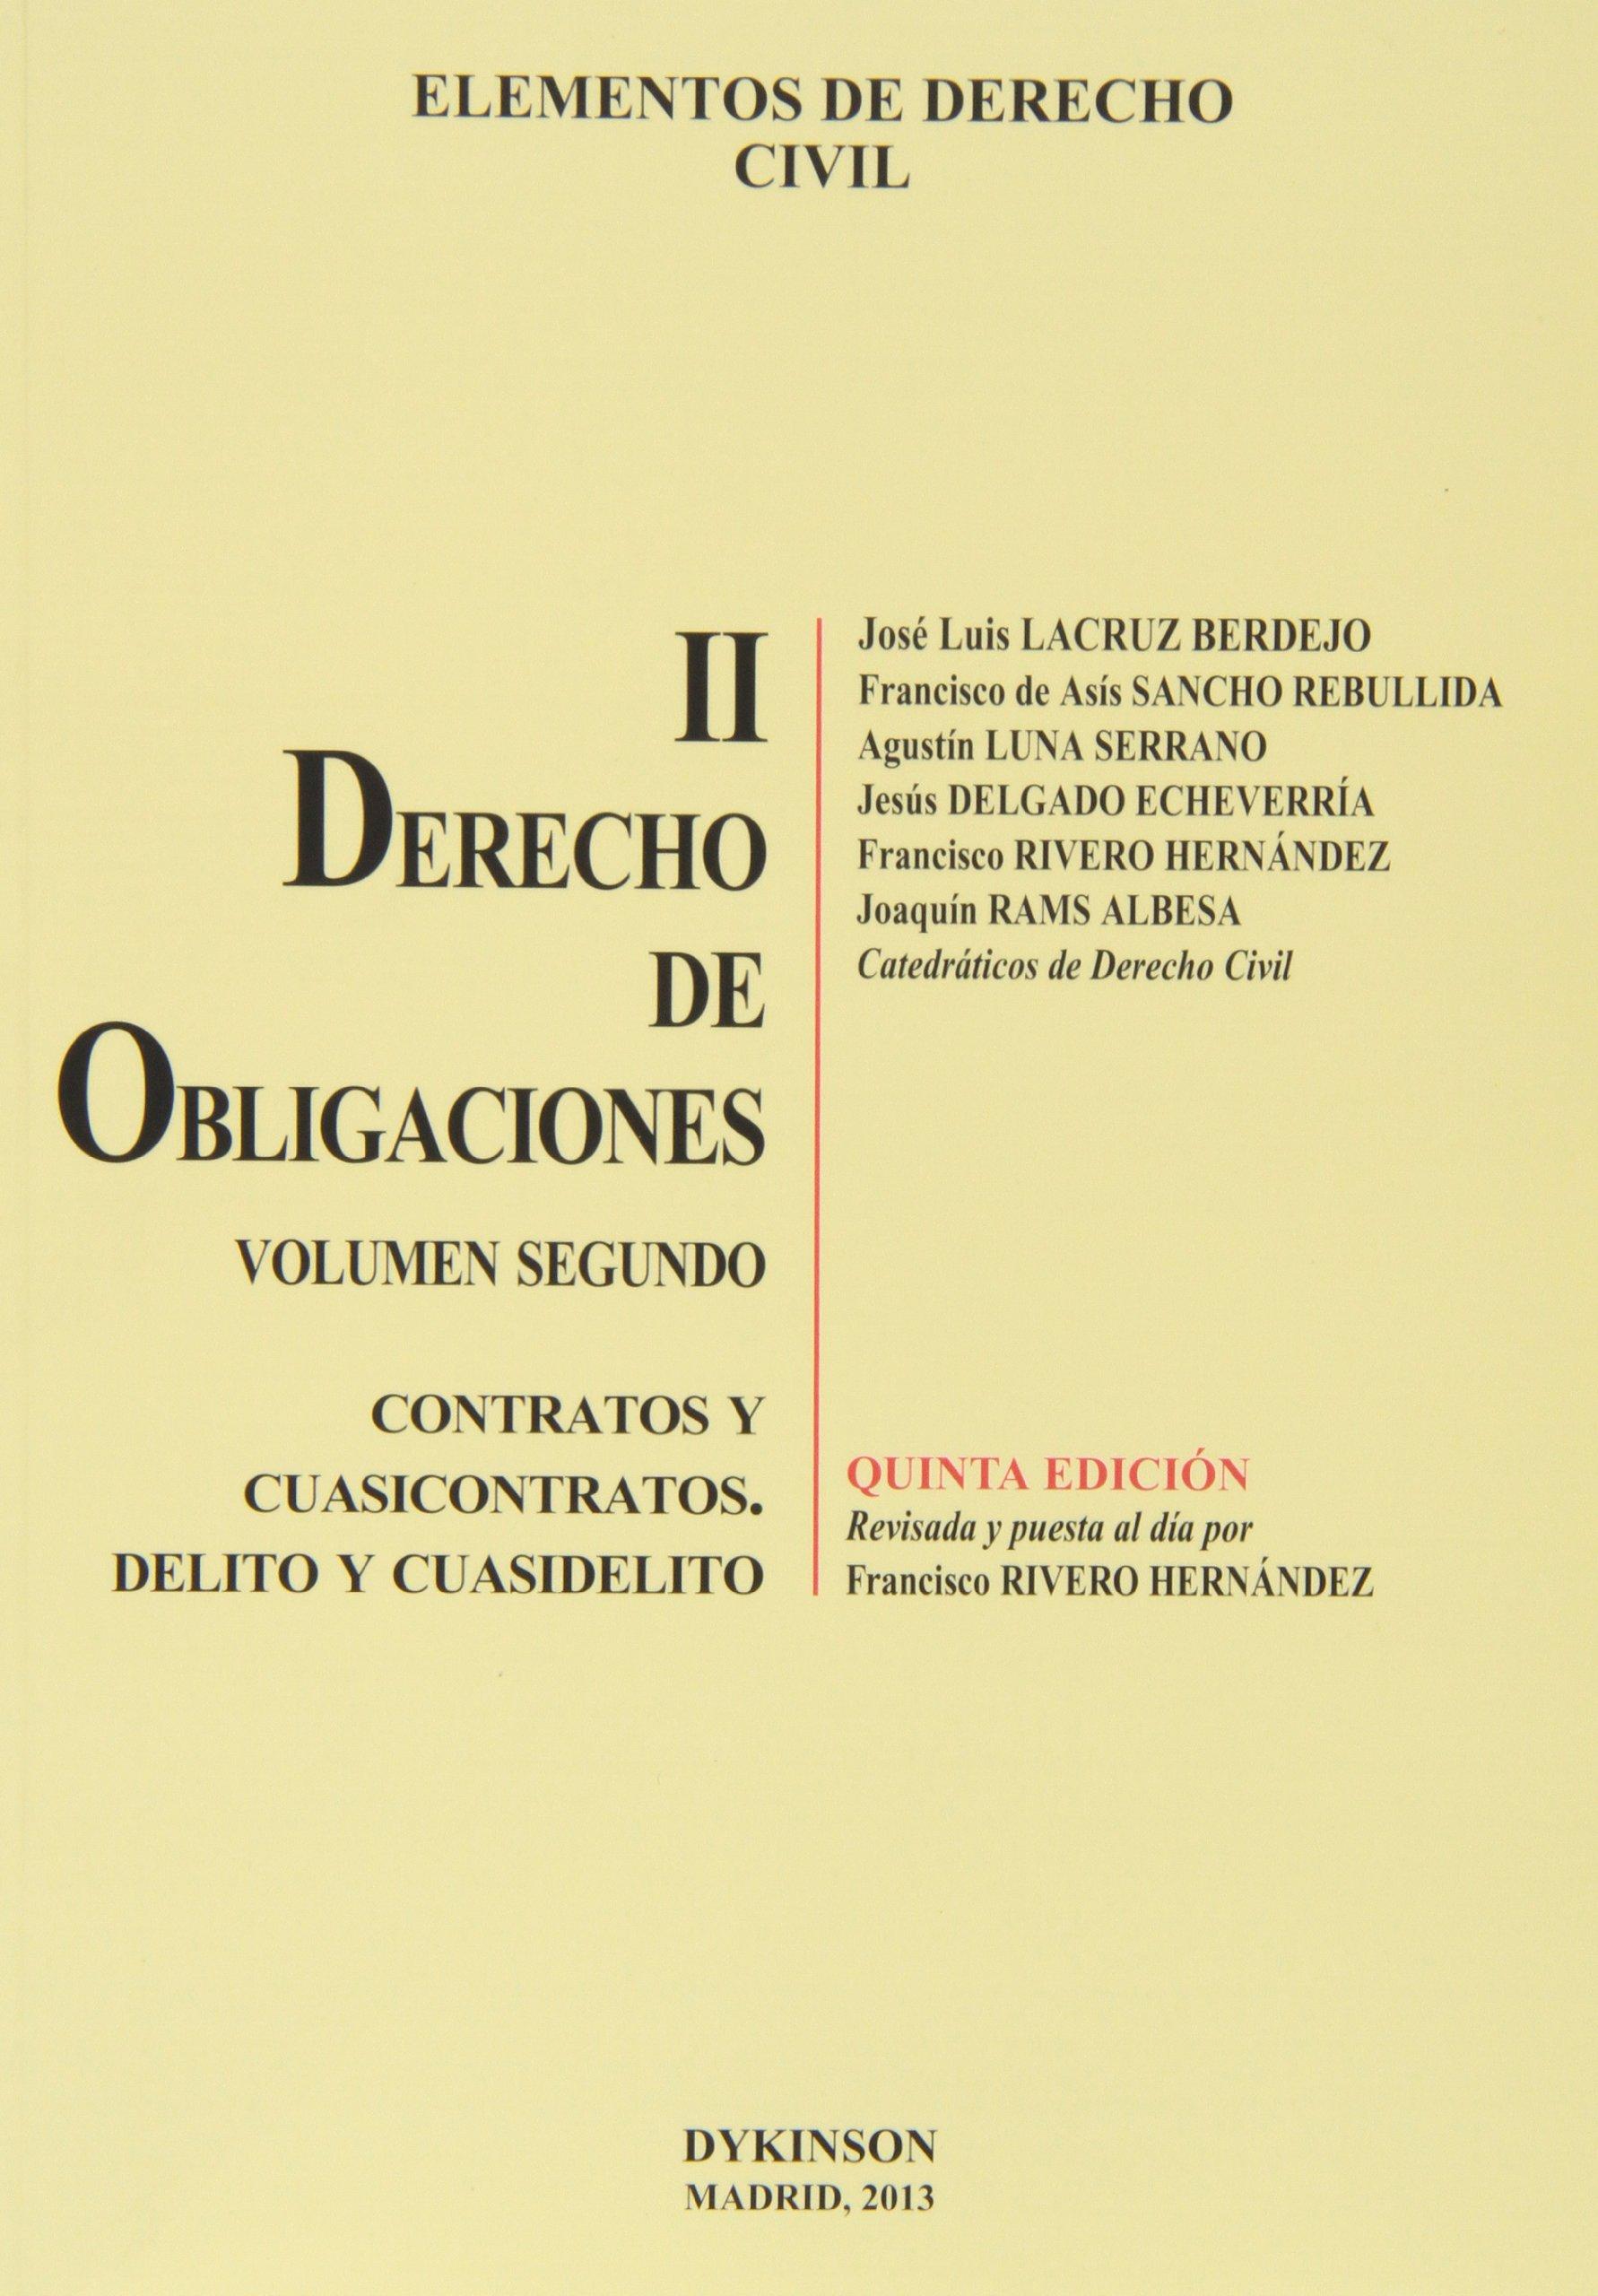 Elementos de Derecho Civil. Tomo II. Derecho de Obligaciones. Volumen 2. Contratos y Cuasicontratos